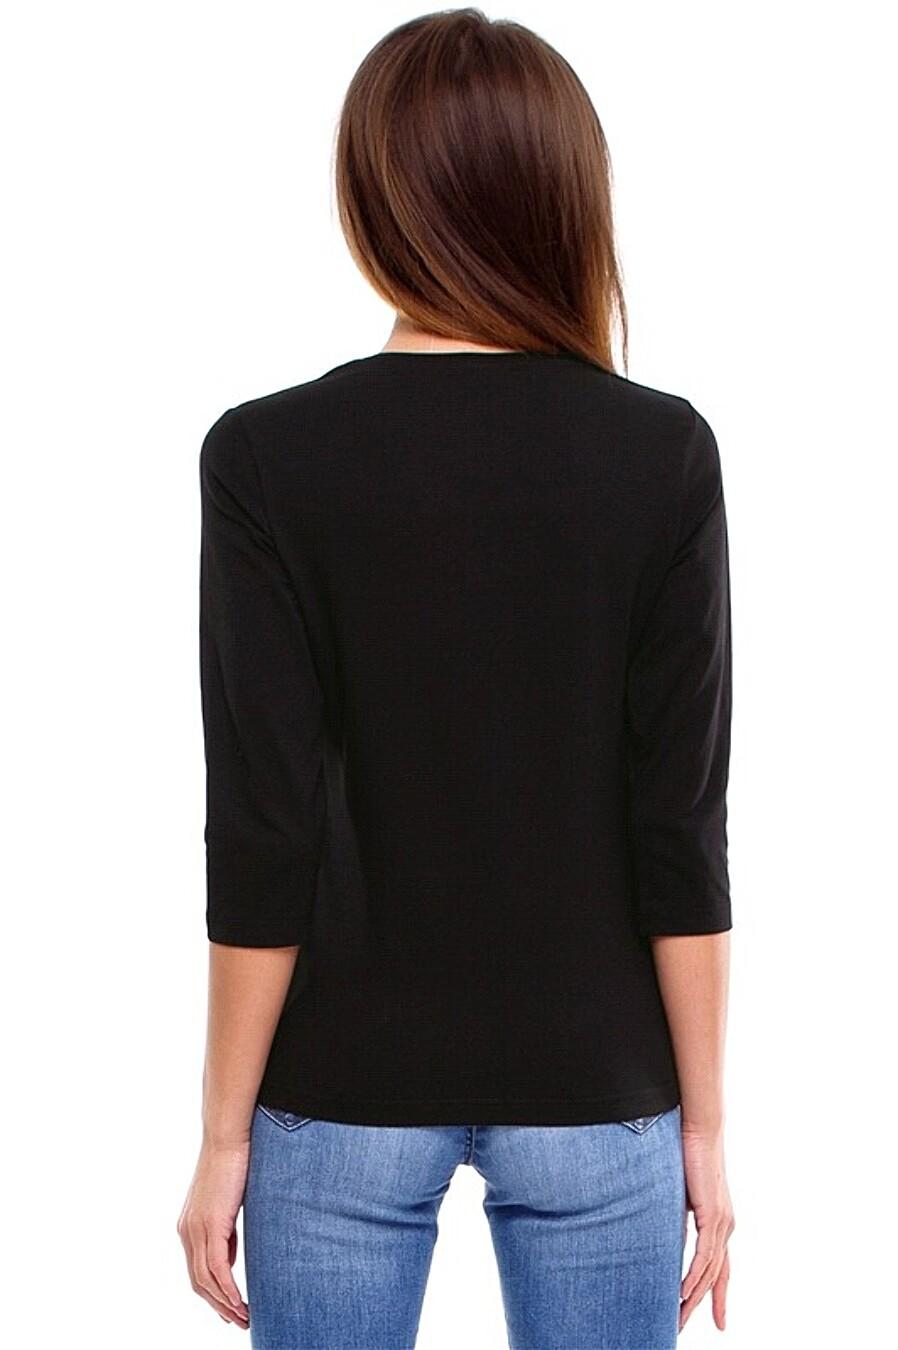 Лонгслив для женщин Archi 261105 купить оптом от производителя. Совместная покупка женской одежды в OptMoyo